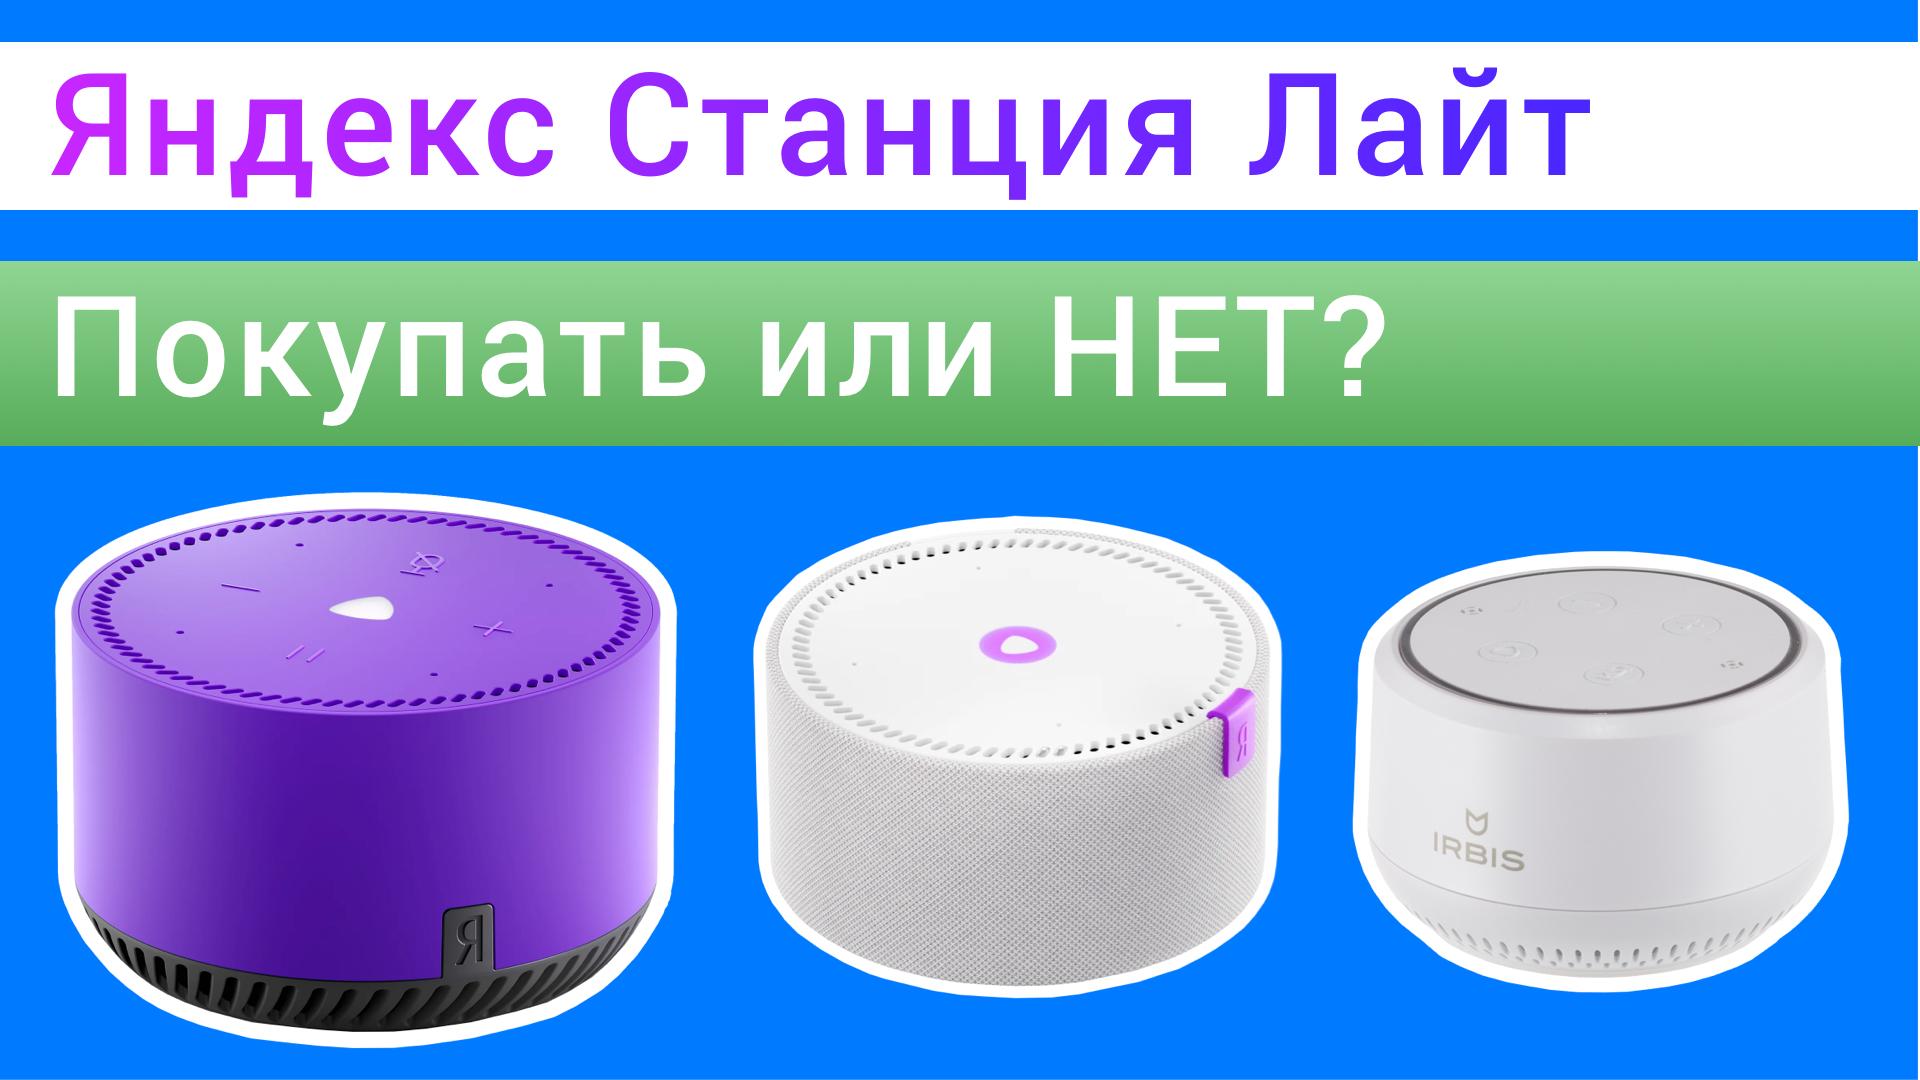 Яндекс Станция Лайт сравнение со Станцией Мини и IRBIS A